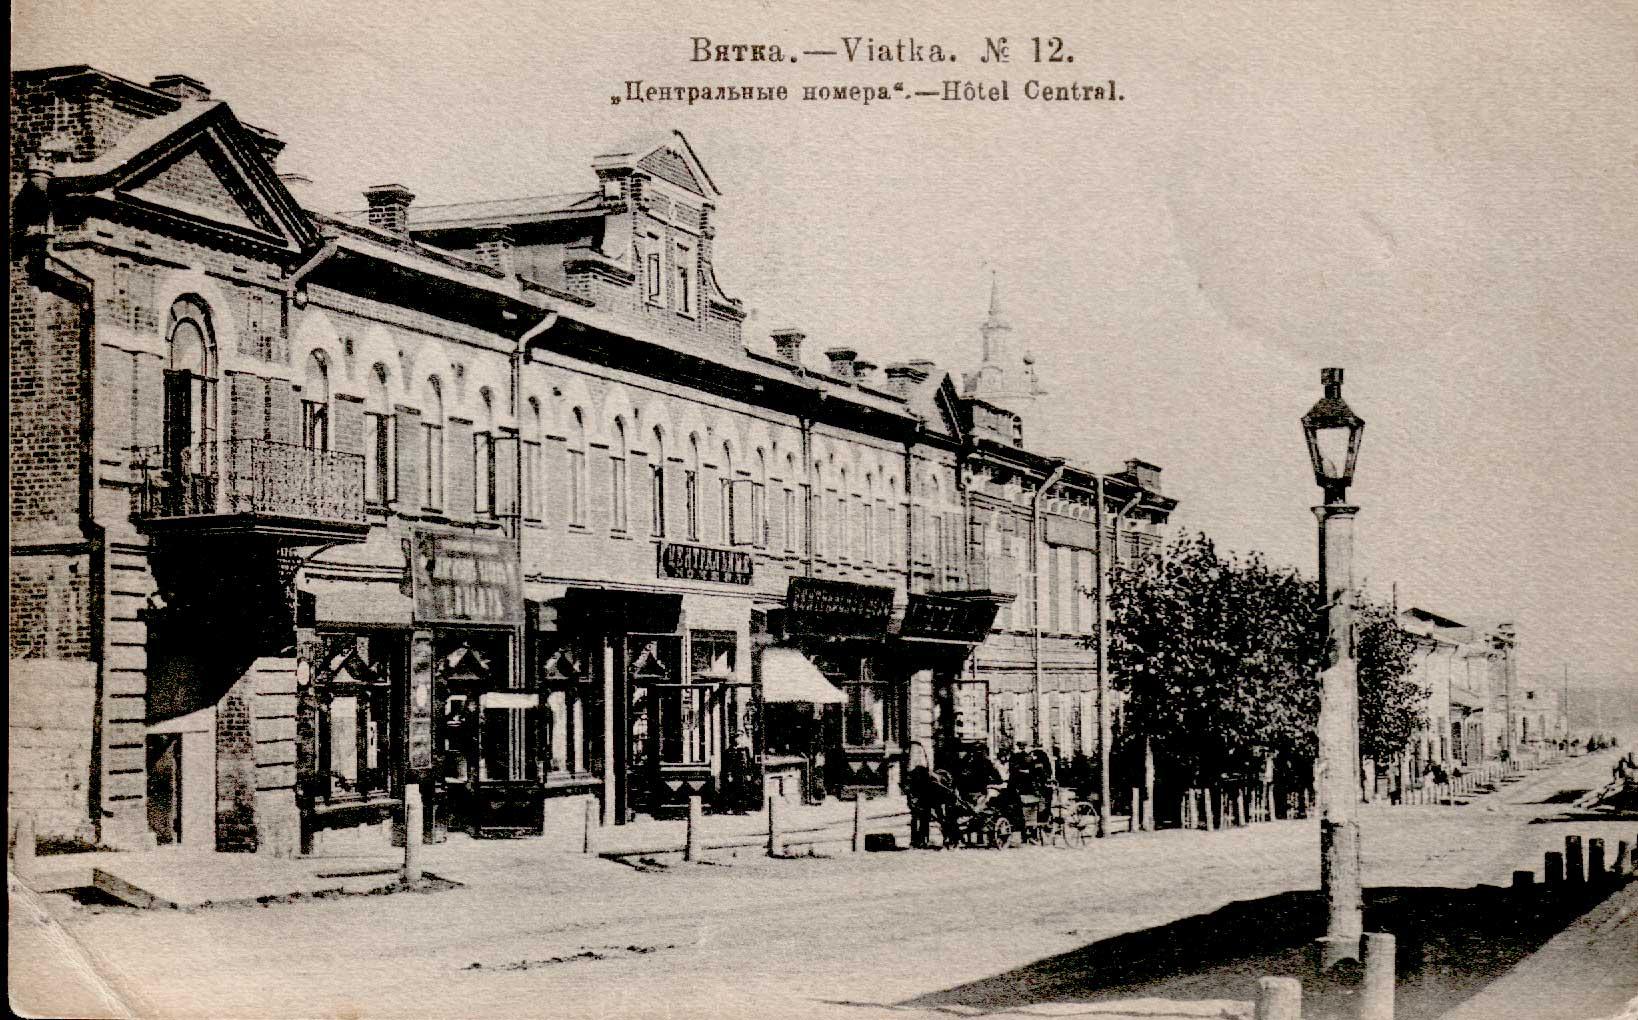 Гостиница «Центральные номера»